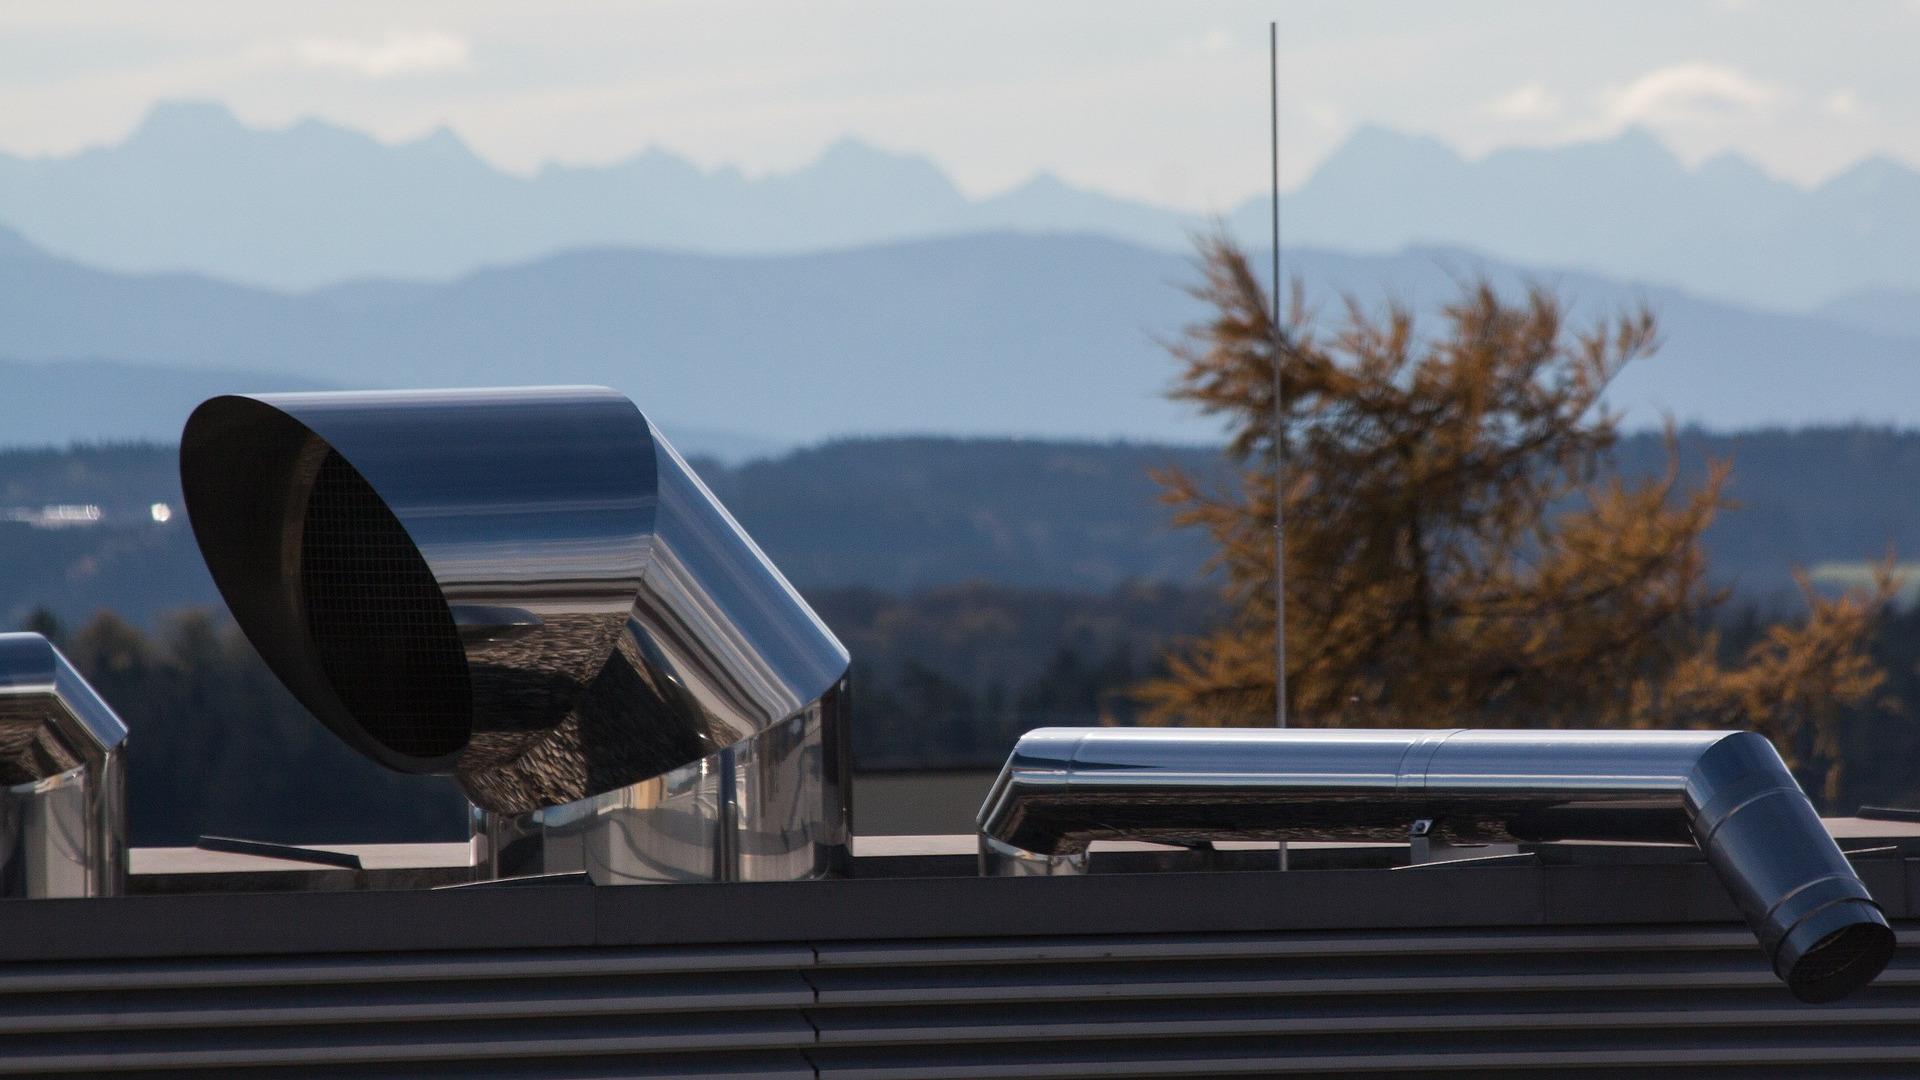 Nykyaikaisissa ilmanvaihtojärjestelmissä on äänenvaimennus kehitetty paremmaksi